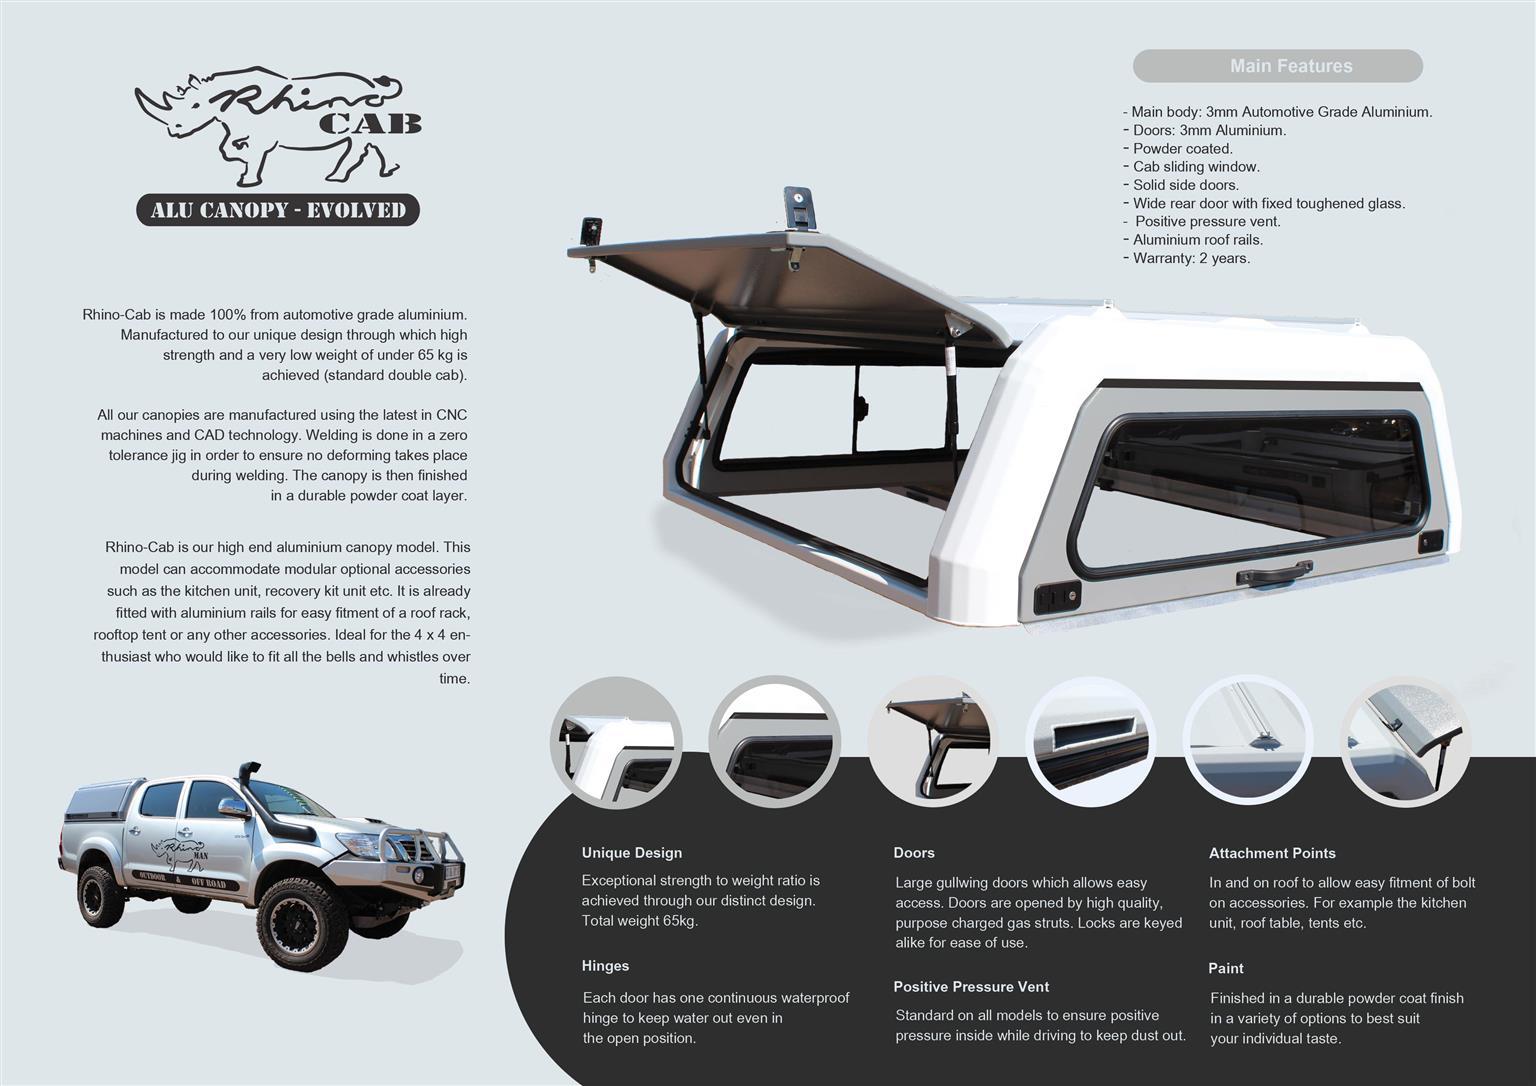 Premium Aluminum Canopies for your Bakkie.